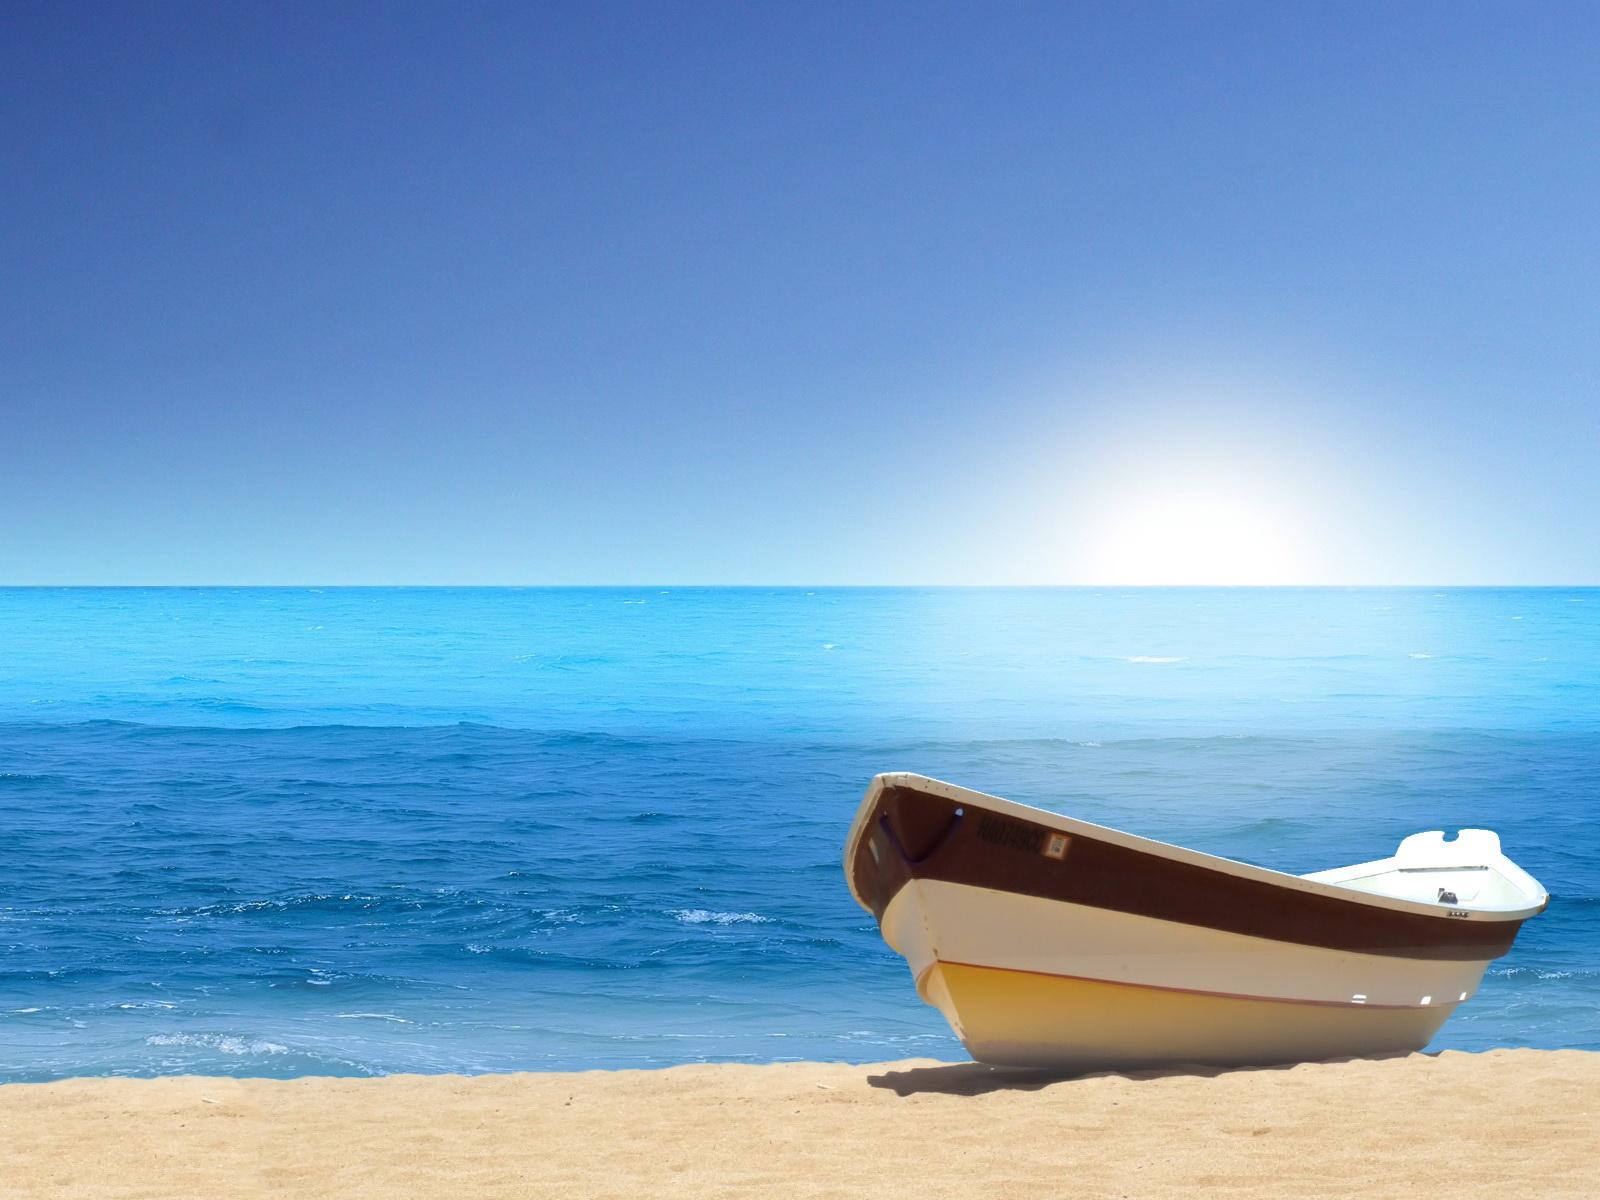 ocean wallpaper small boat